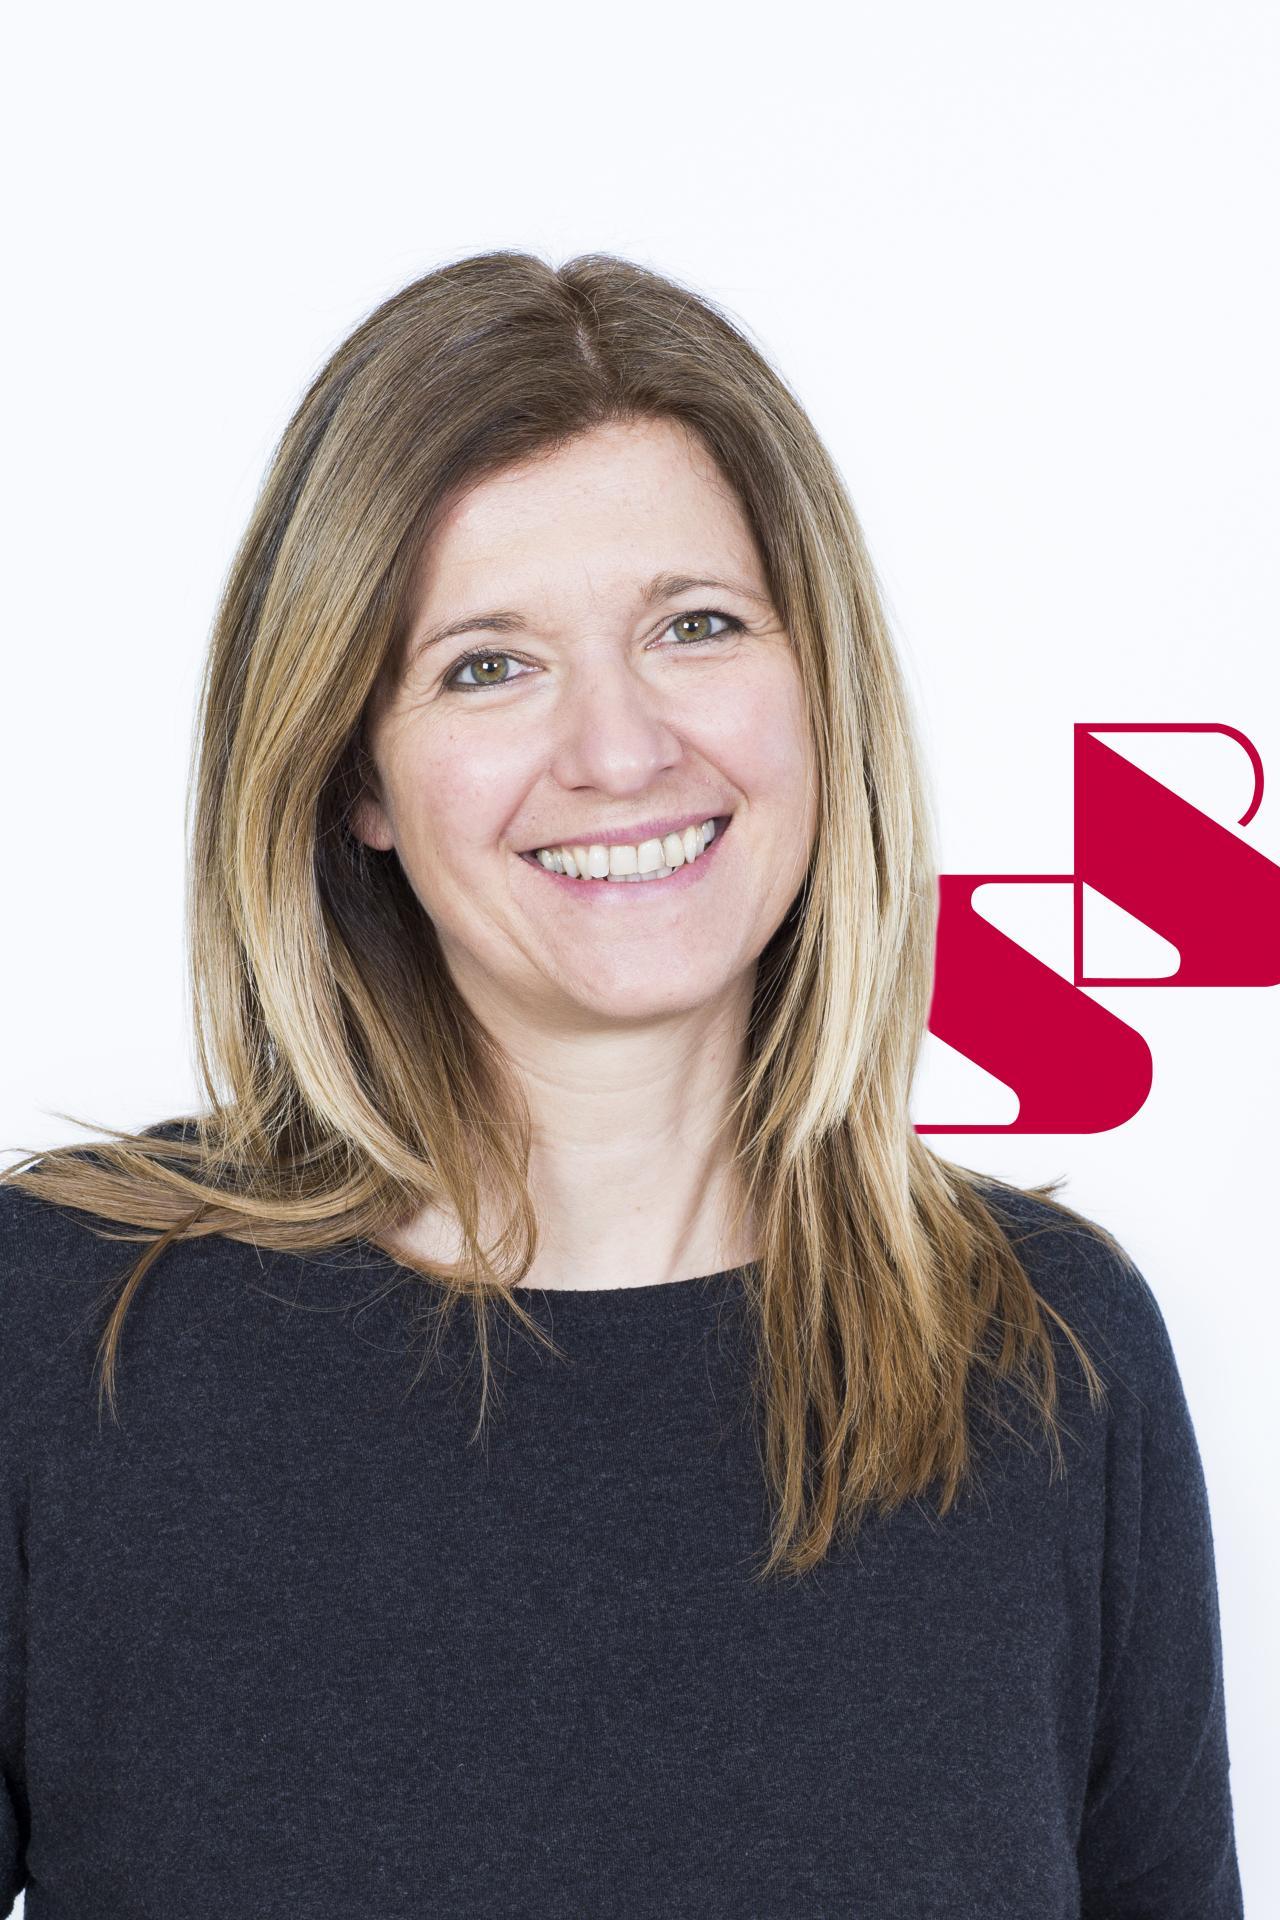 Deborah Gutekunst